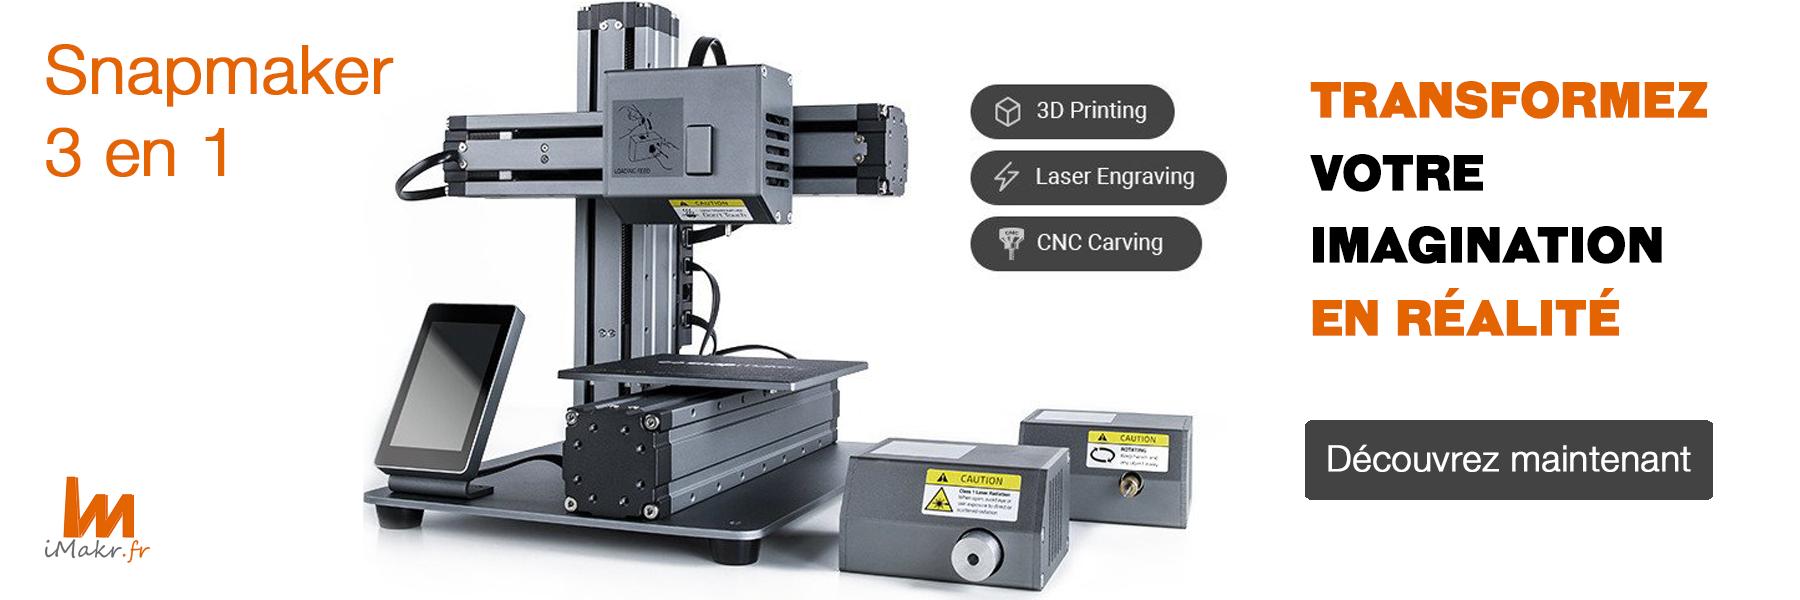 iMakr est un distributeur officiel des gammes Snapmaker : imprimantes, accessoires et pièces détachées.